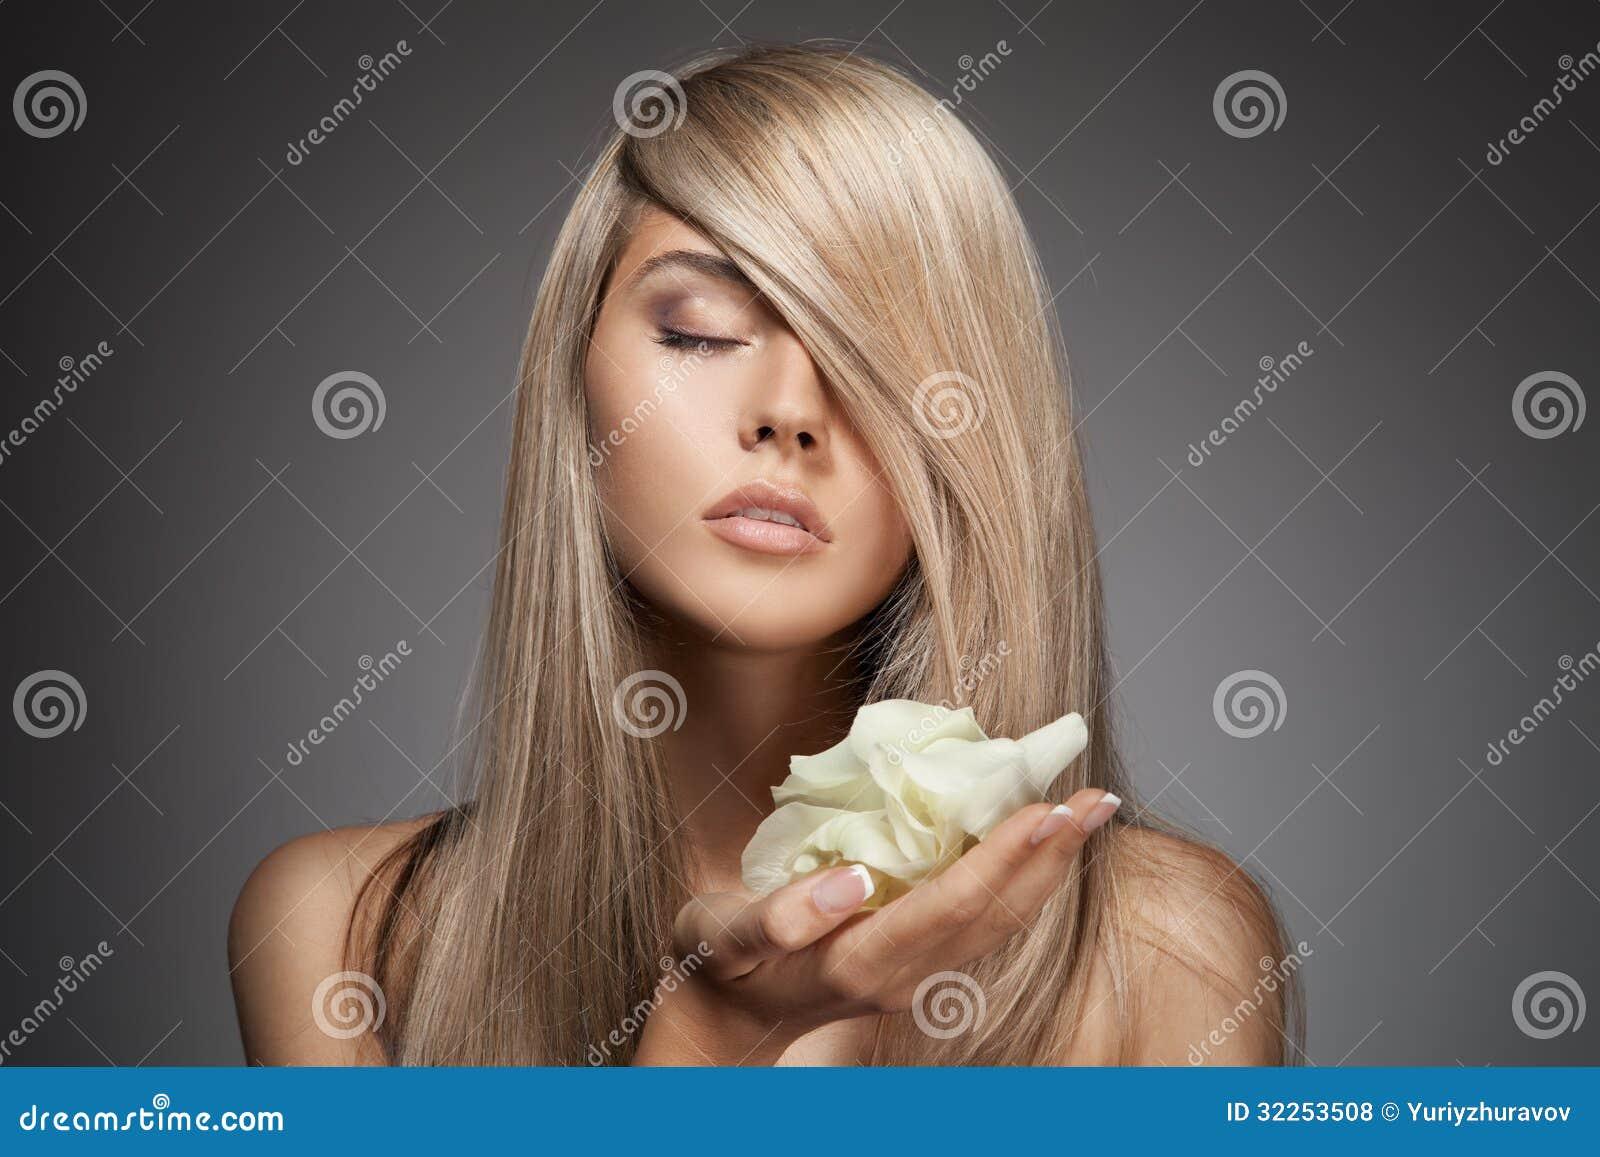 lang haar blond mooi